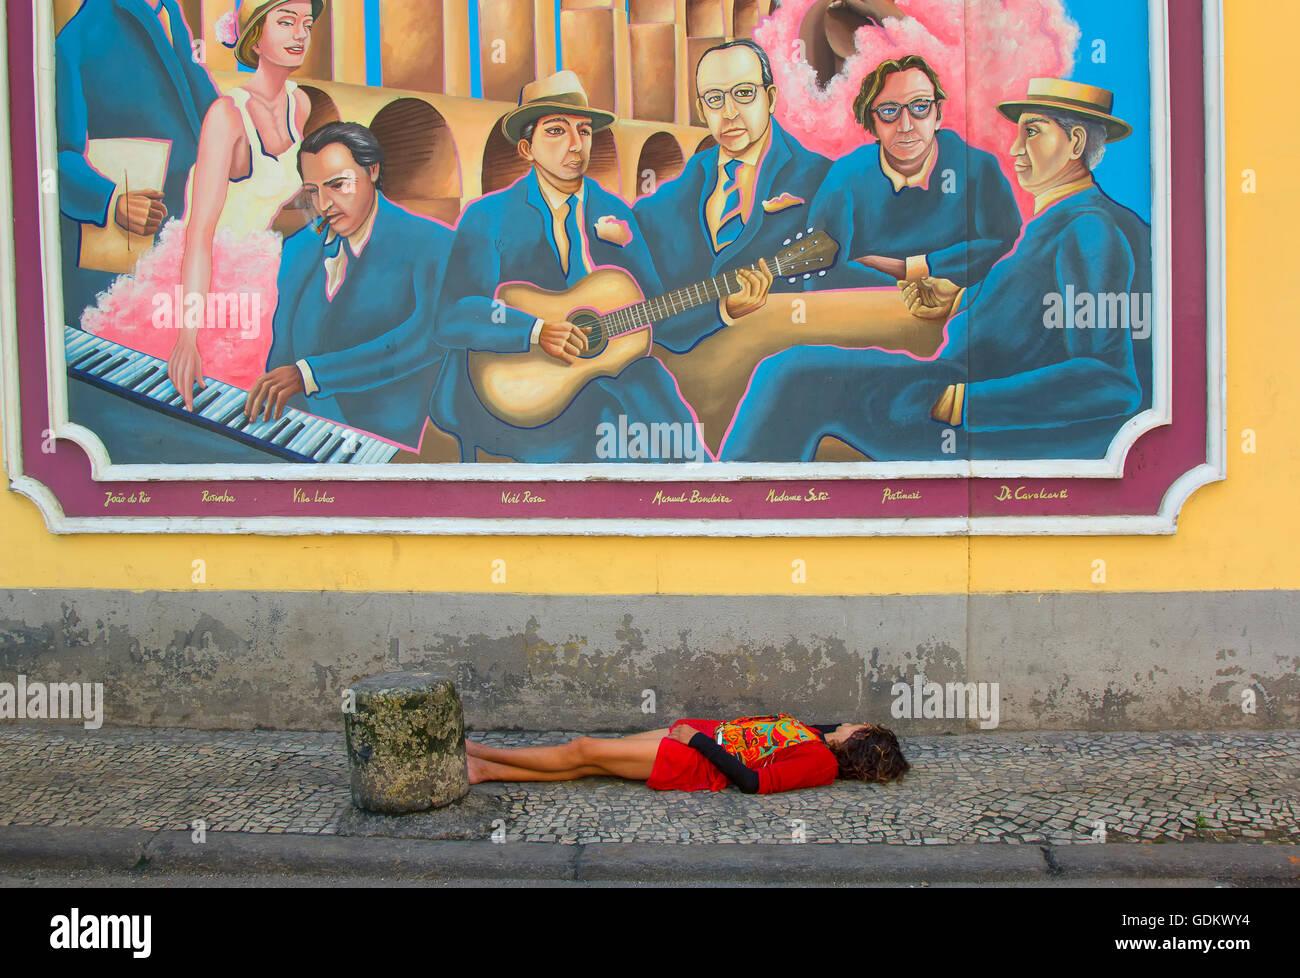 Social issue in Rio de Janeiro - Stock Image